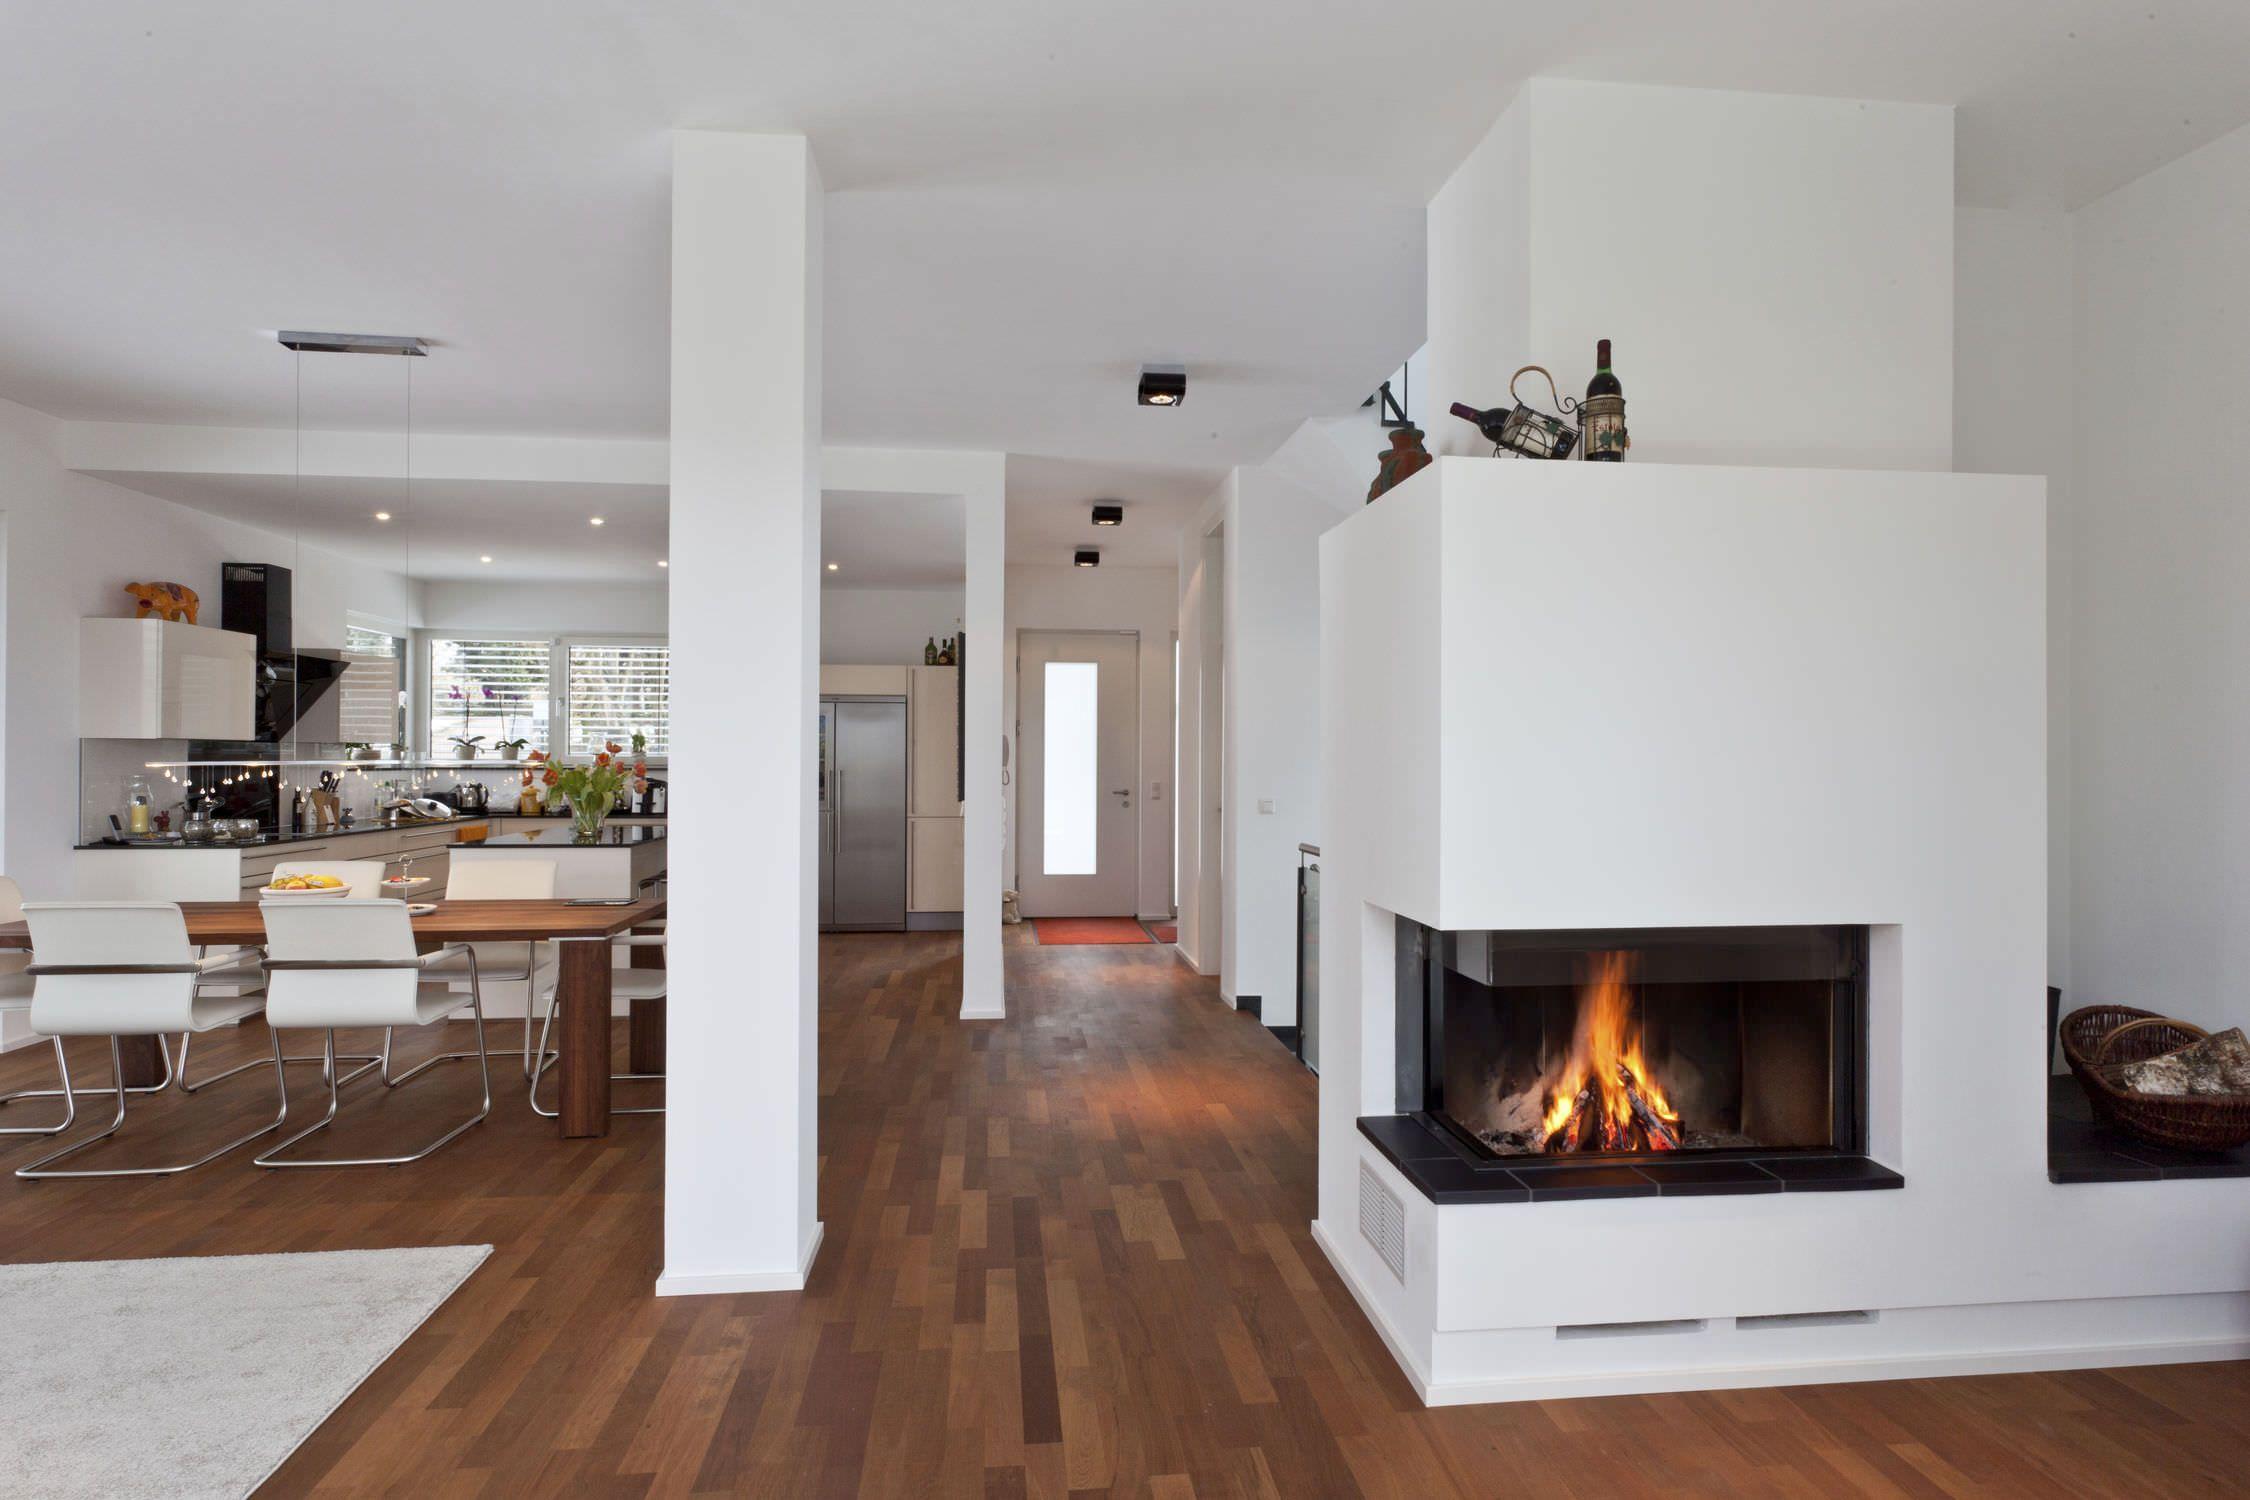 Schon Modern Fireplace Designs